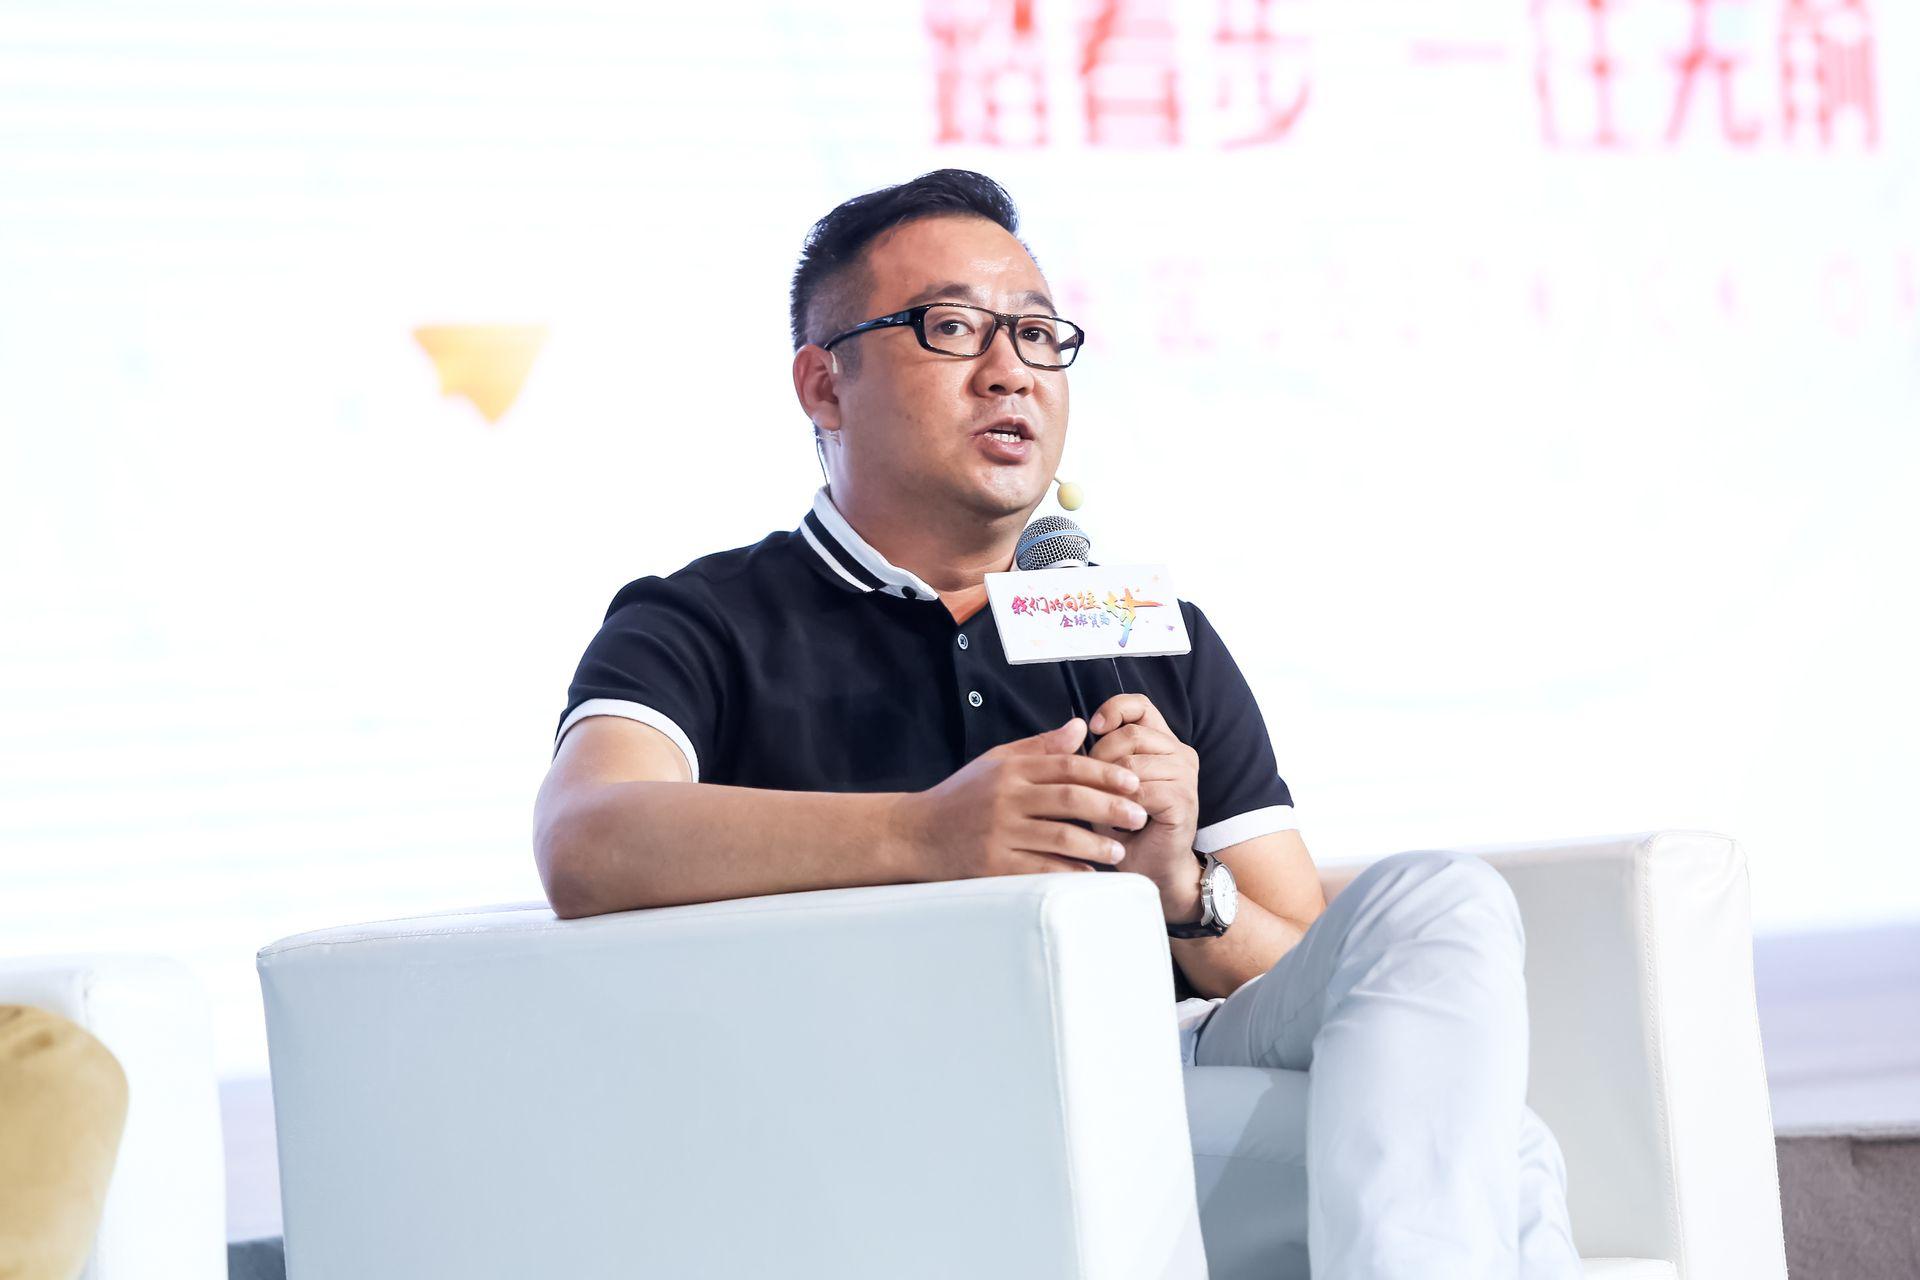 阿里巴巴国际站华南大区总经理郭卓琼表示,华南大区将提供针对性的产品和服务升级方案,且追踪产品落地效果,形成一个完整的产品服务链路